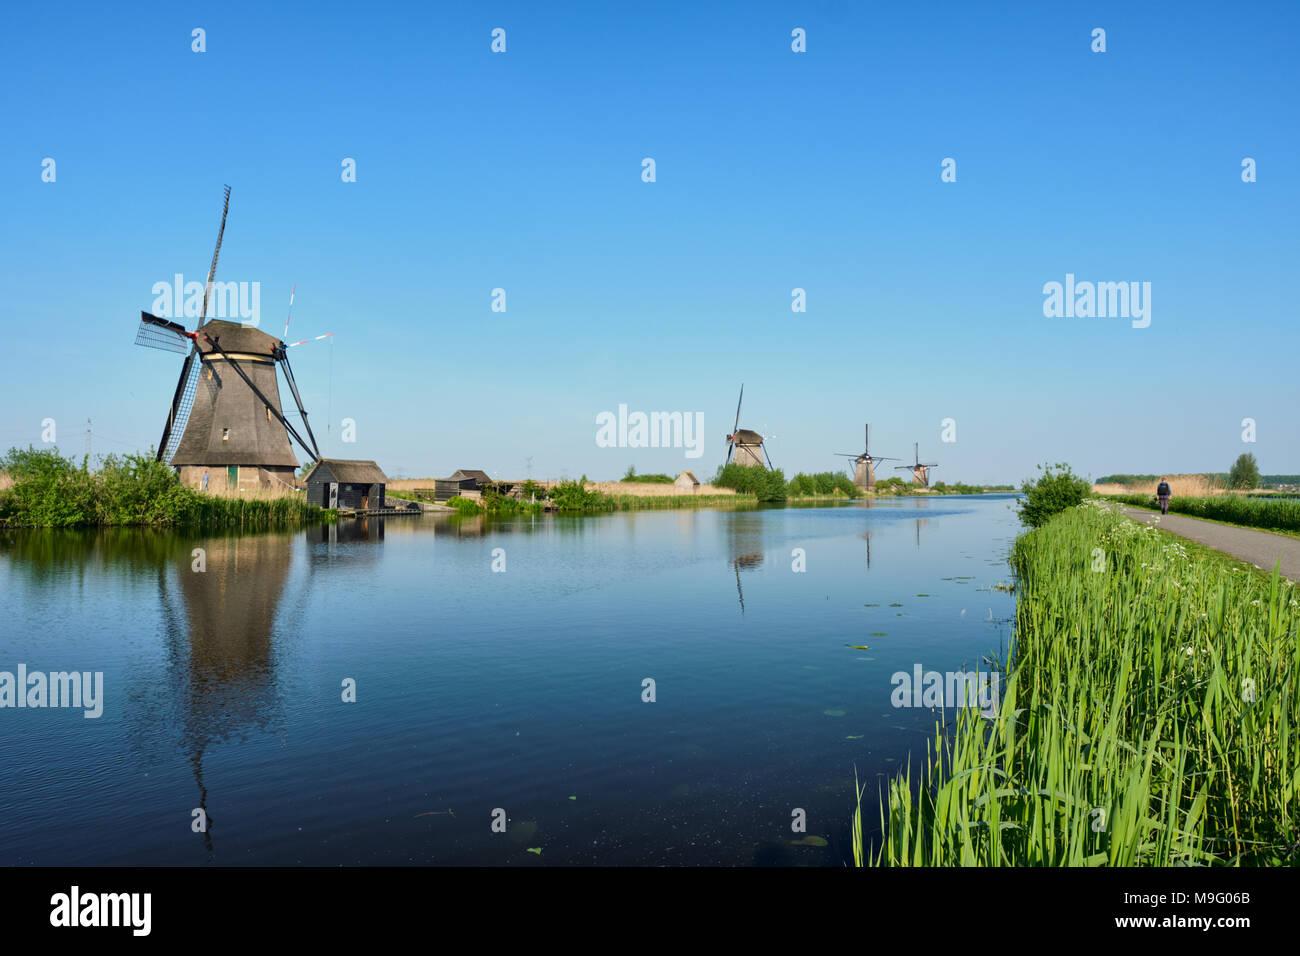 Les moulins à vent de Kinderdijk en Hollande. Pays-bas Photo Stock